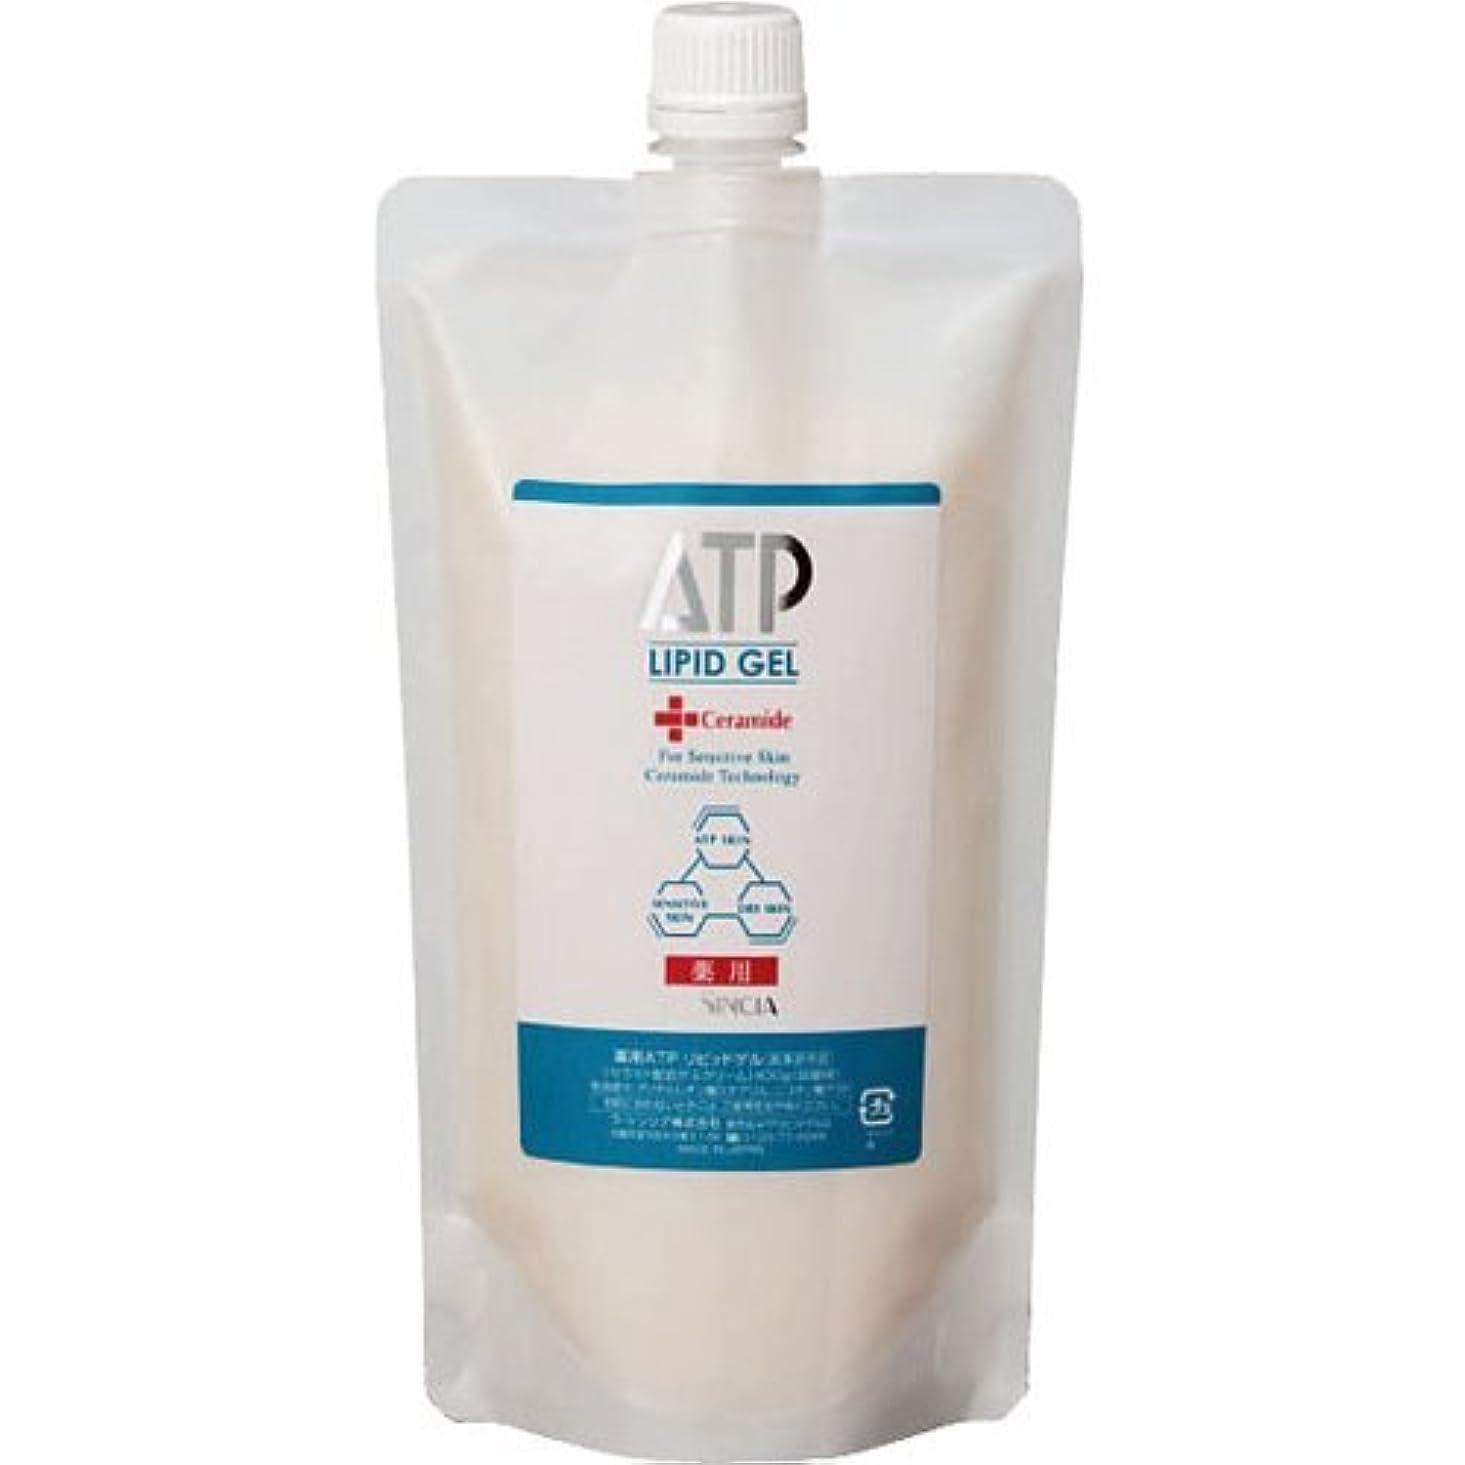 生活博物館恒久的ラシンシア 薬用ATPリピッドゲル 400g(詰替用) 【セラミド配合ゲルクリーム】